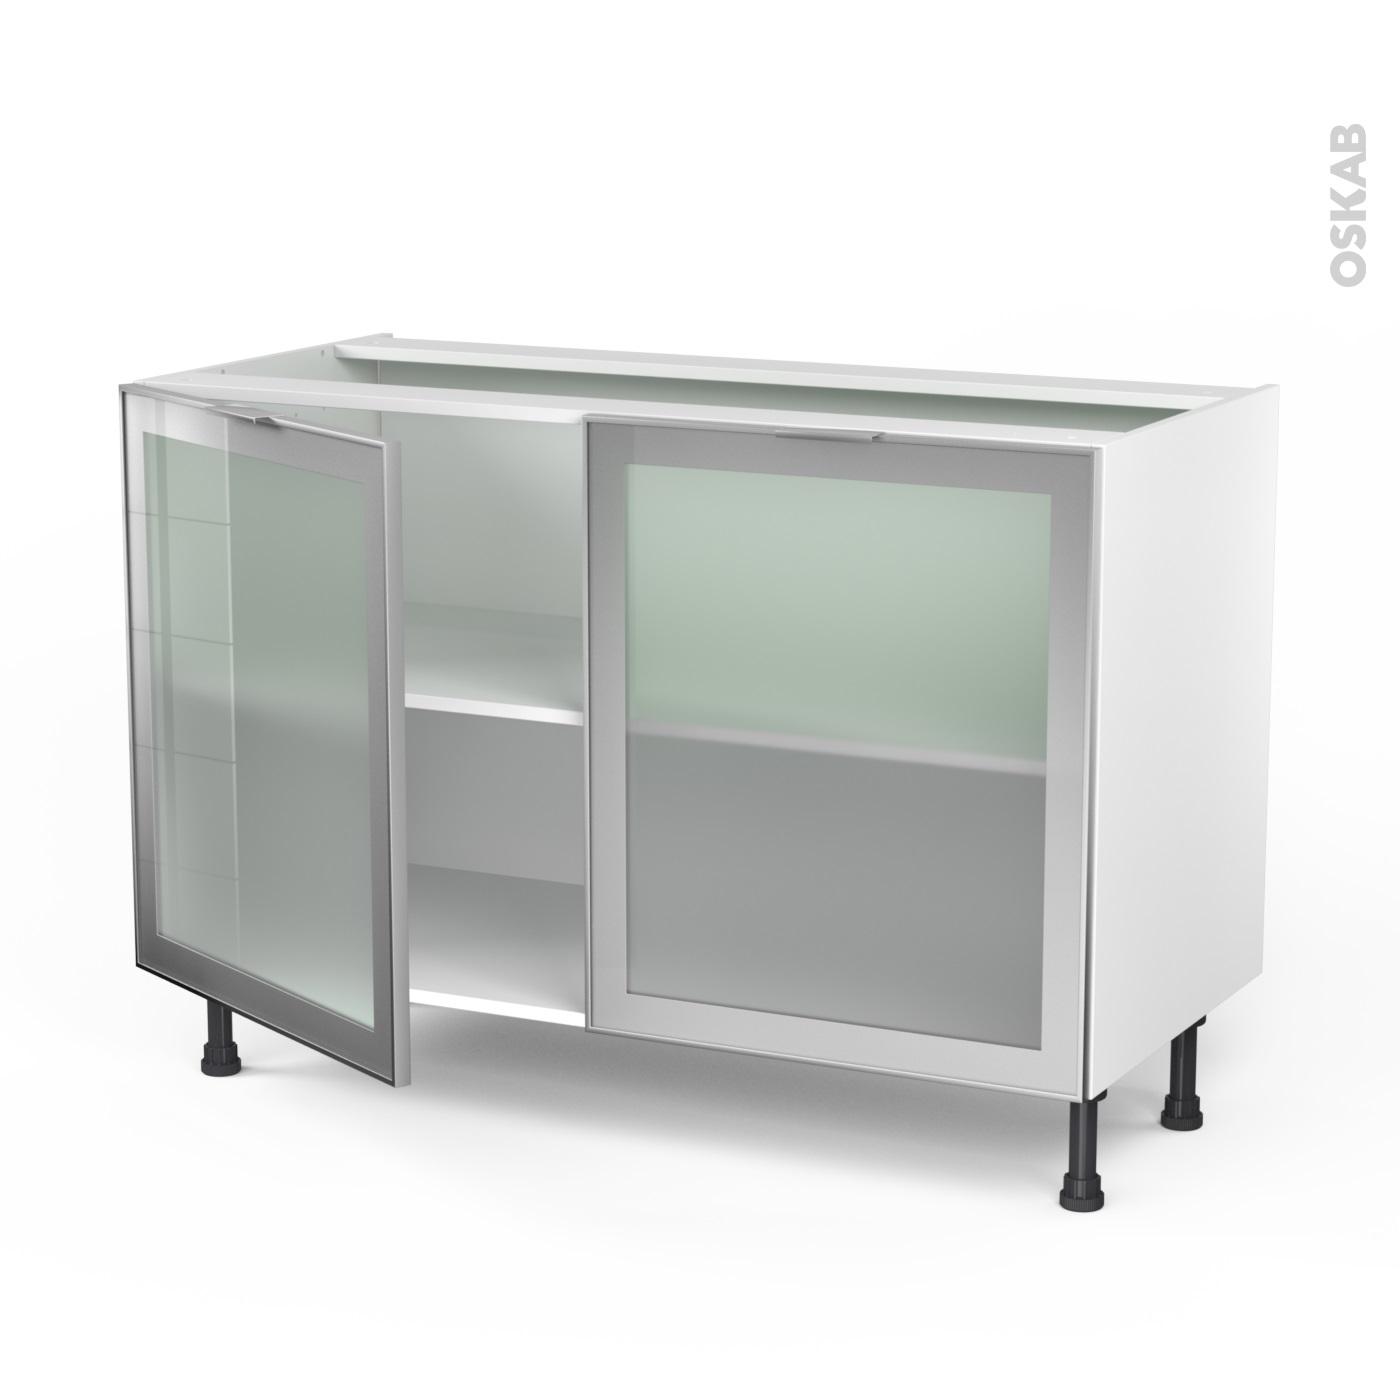 Meuble Bas De Rangement Pour Cuisine meuble de cuisine bas vitré façade alu, 2 portes, l120 x h70 x p58 cm,  sokleo